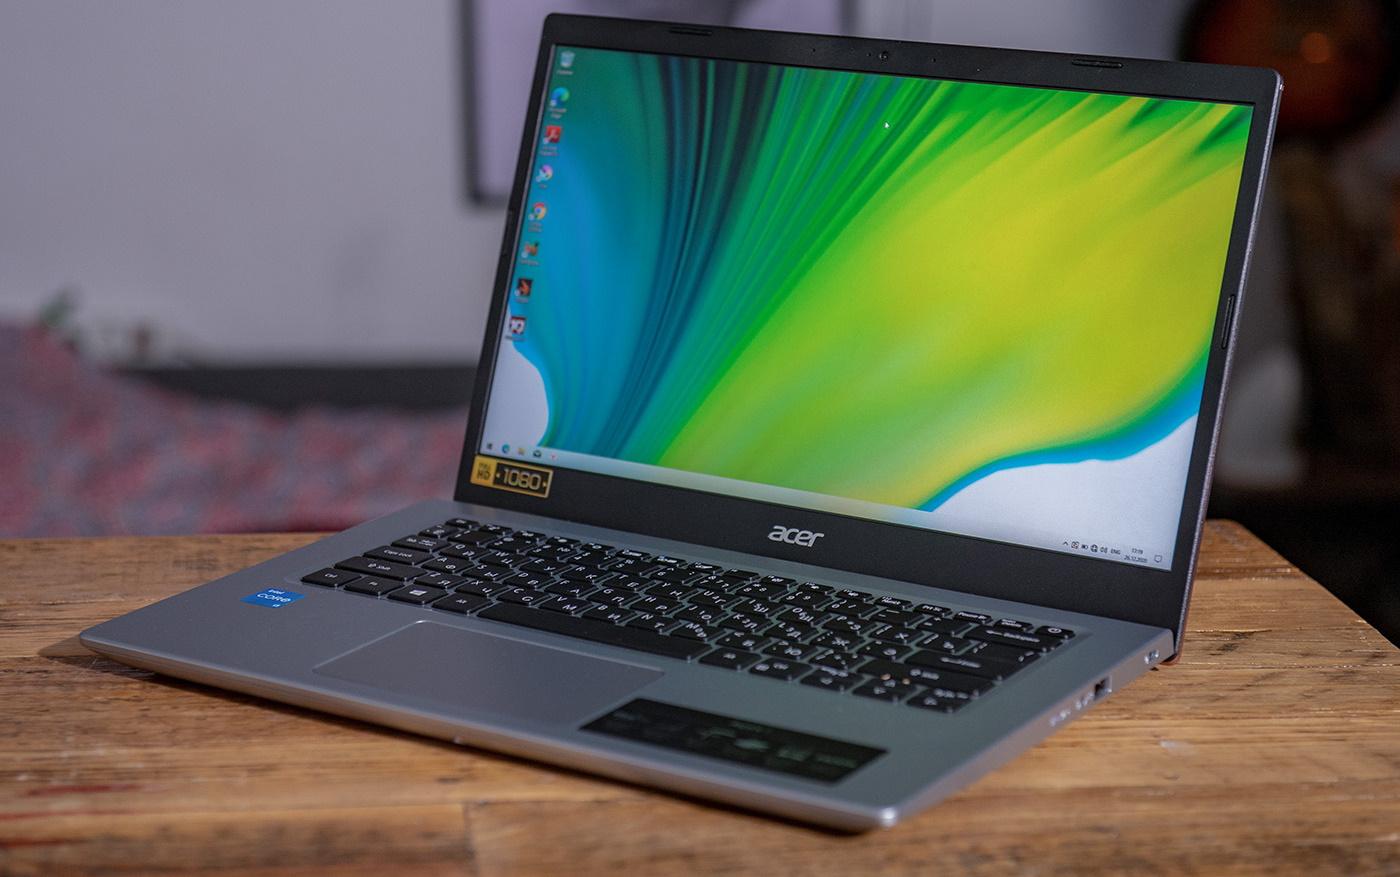 Топ-4 лучших ноутбука Acer по версии Freedom 251 (конец января 2021 года)